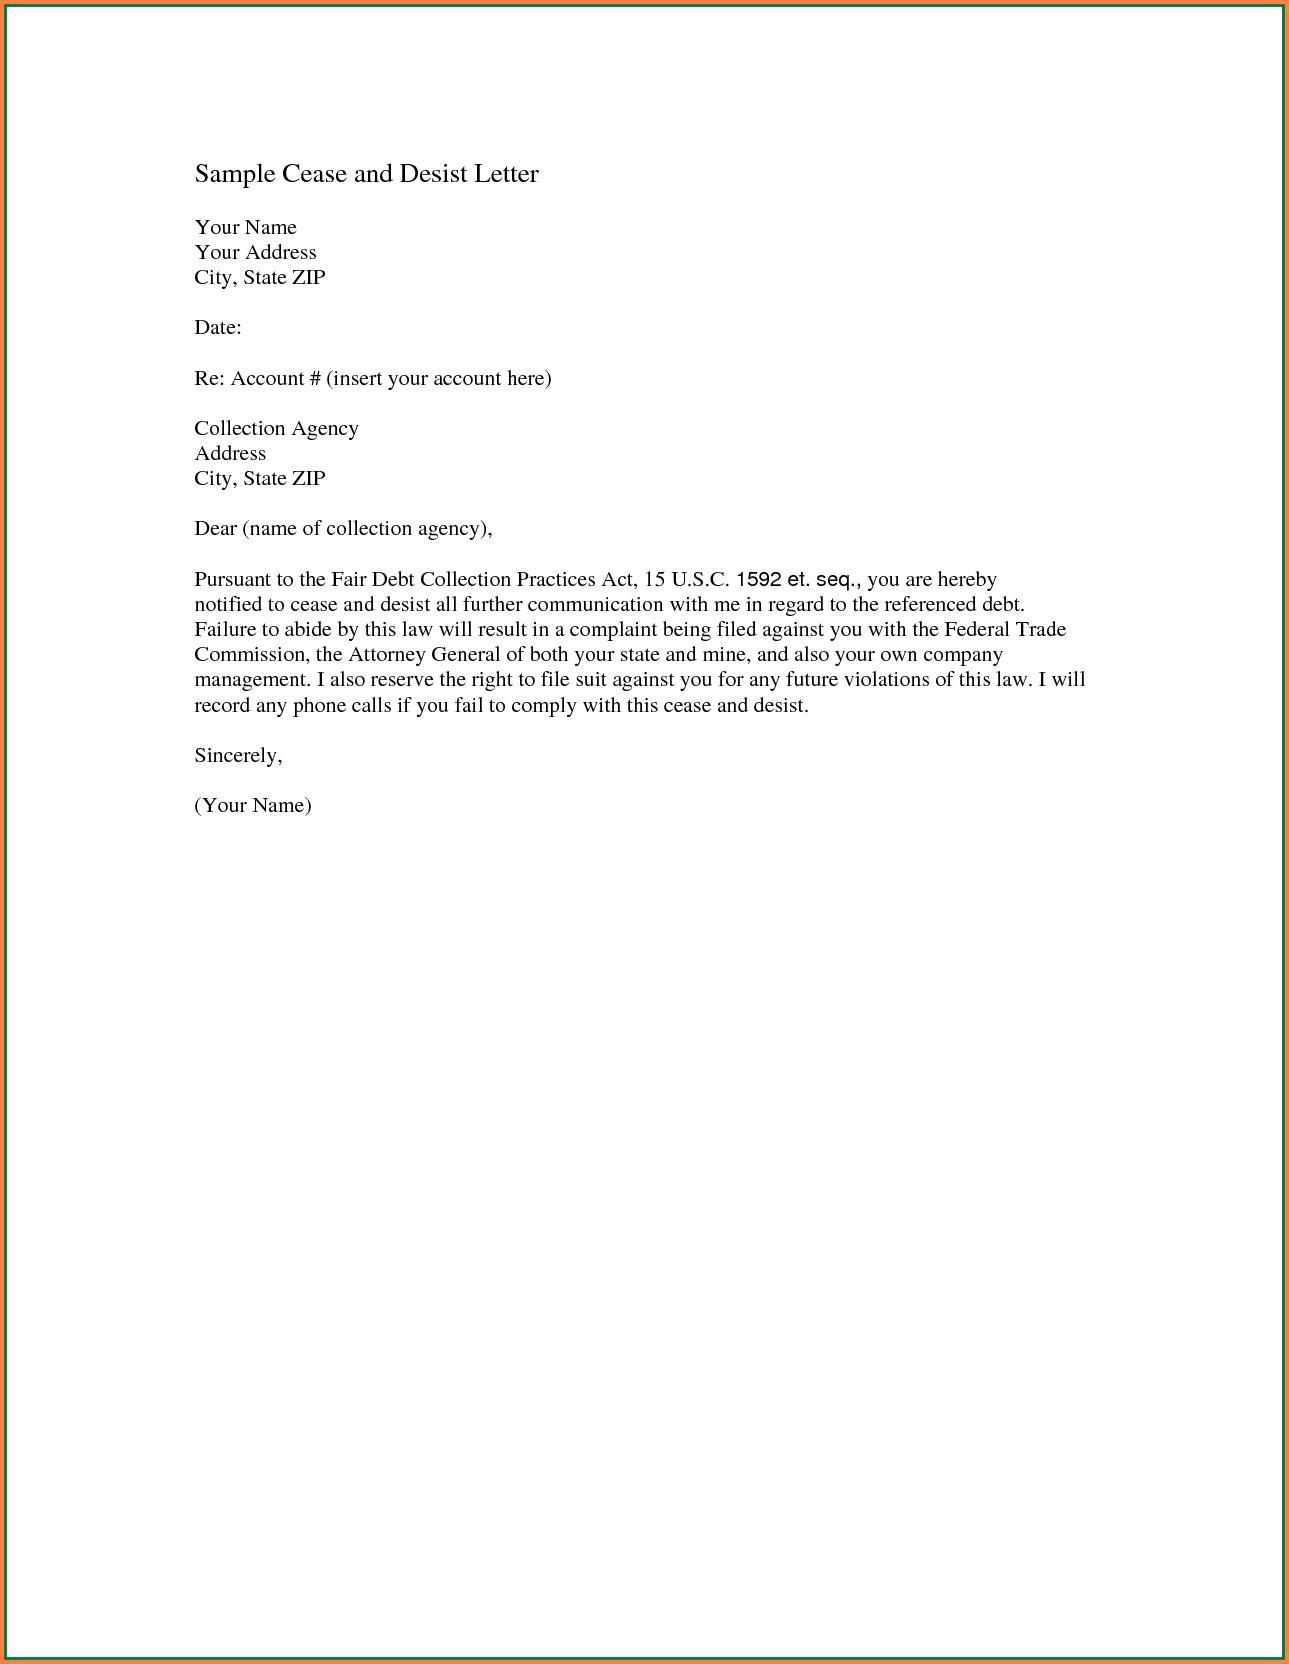 Cease And Desist Letter Slander Template